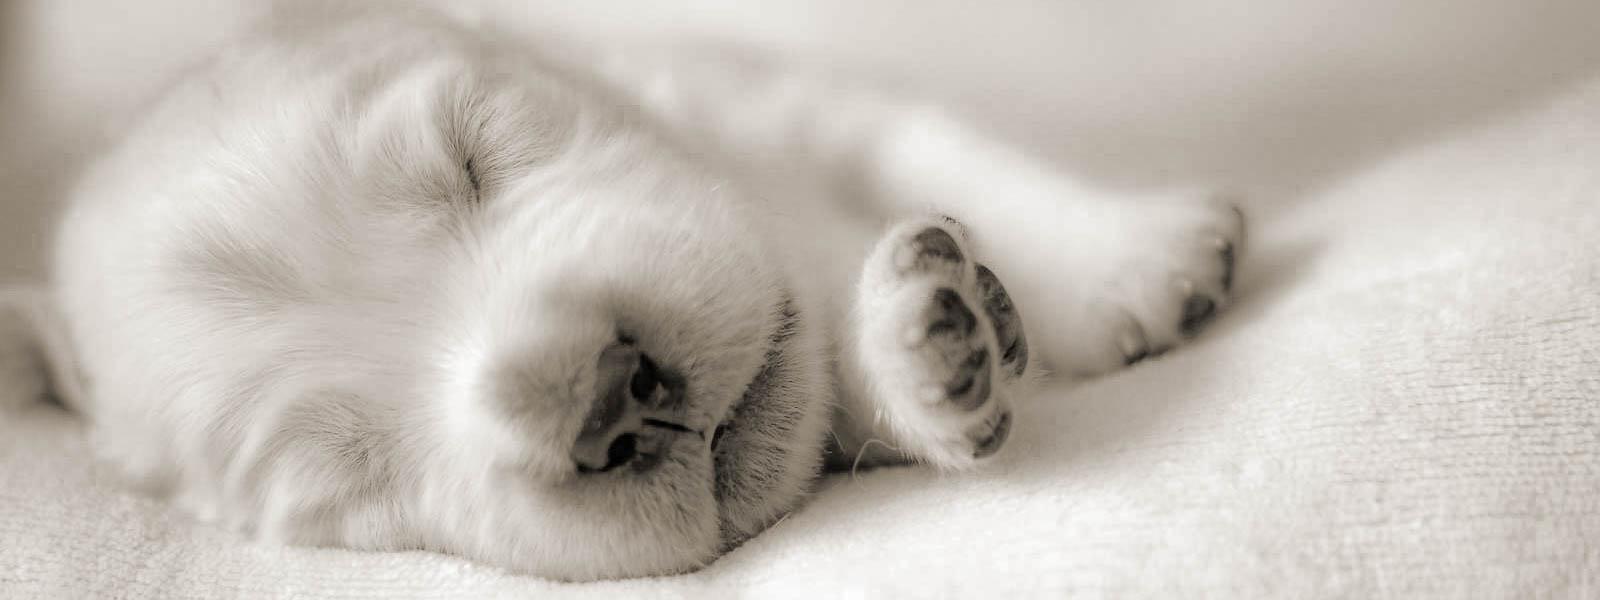 wenige Tage alter Golden-Welpe liegt und schläft